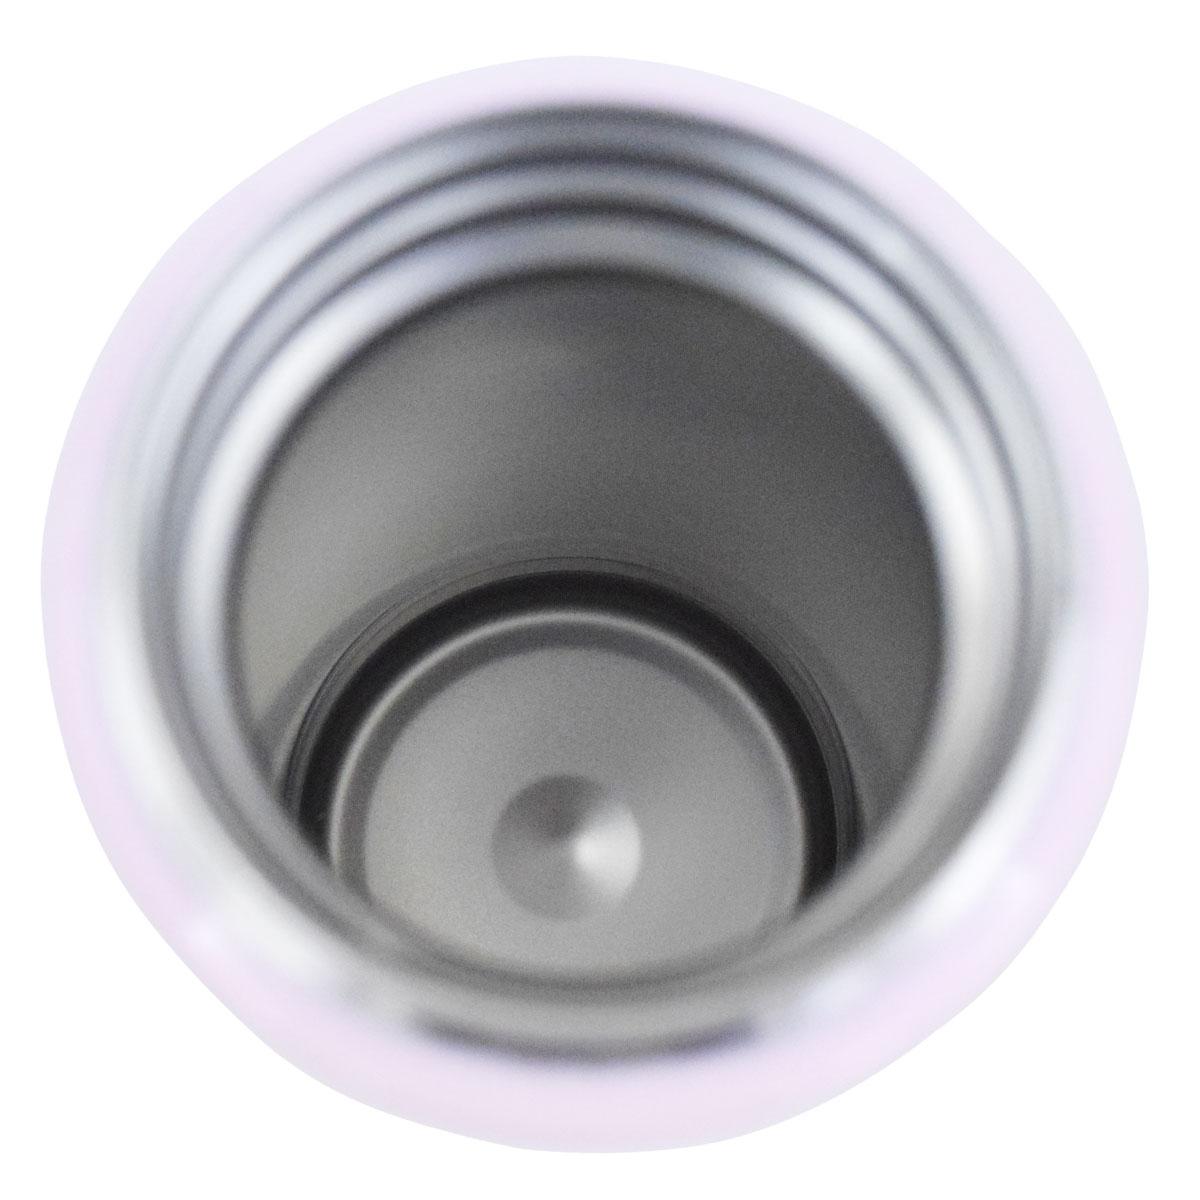 サーモス 真空断熱ケータイマグ 350ml JOG-350